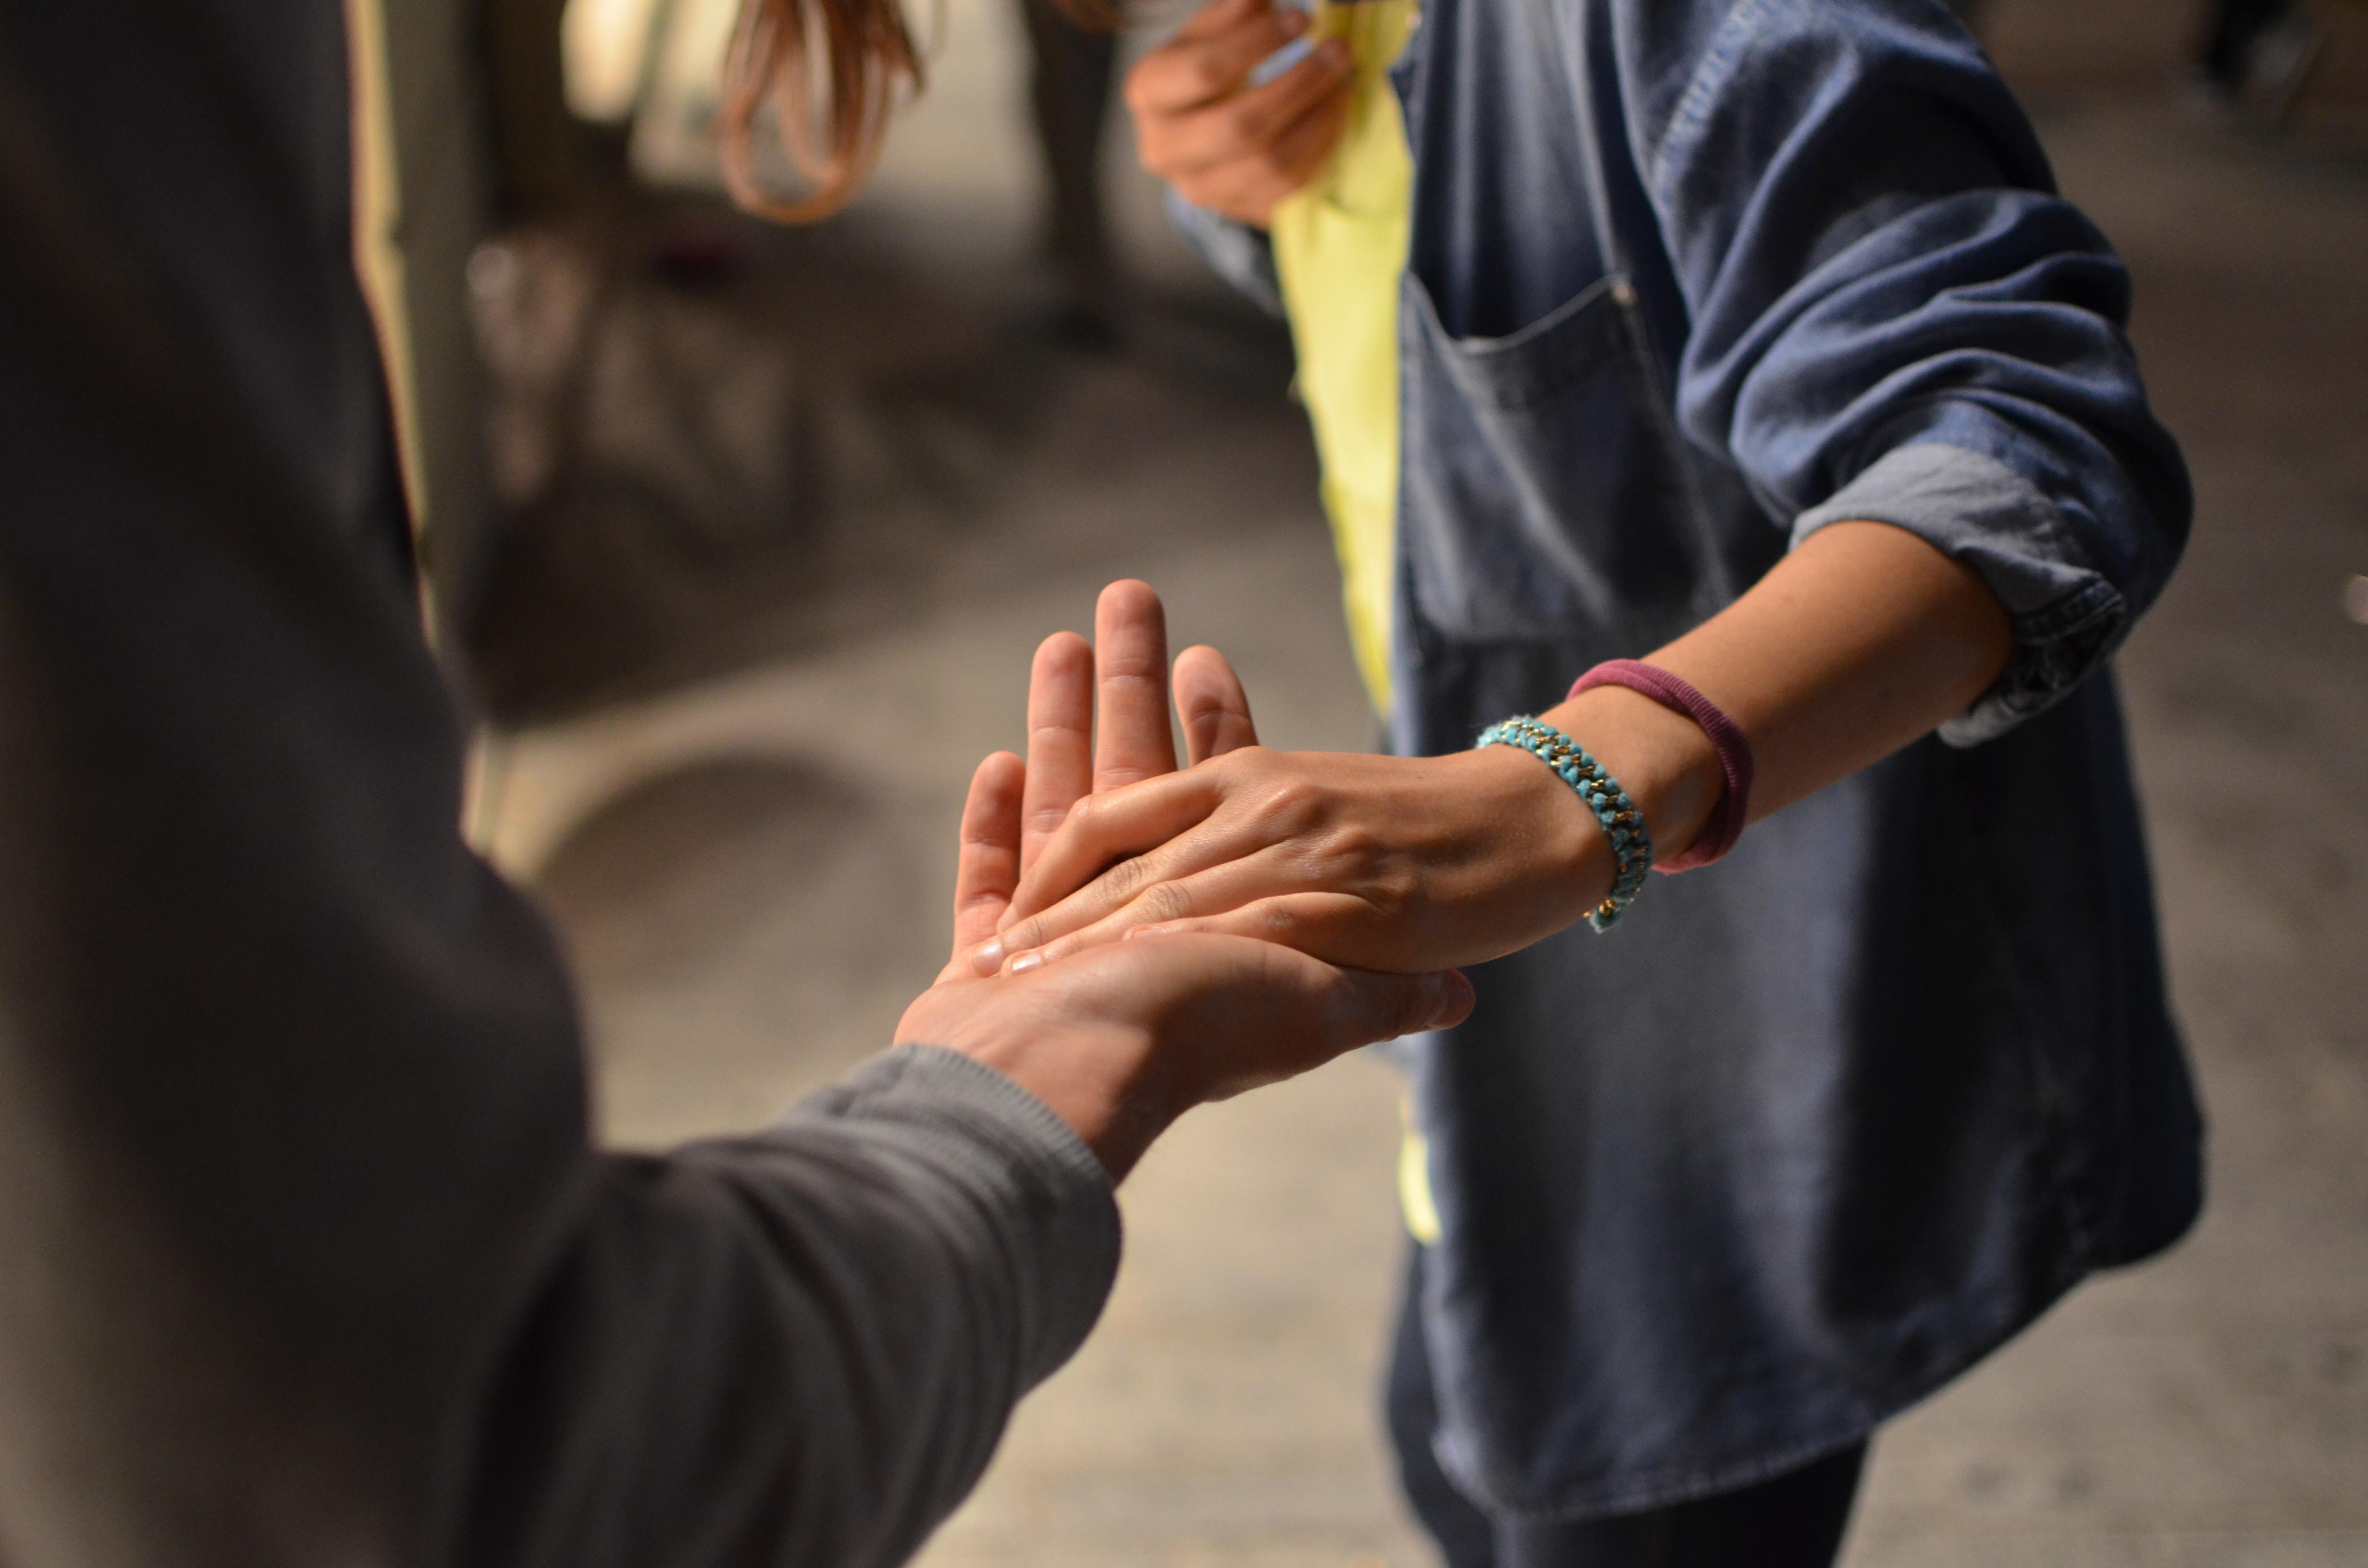 Venner, friends, hænder, hands, ta chancen, ensomhed. (Foto: Unsplash)